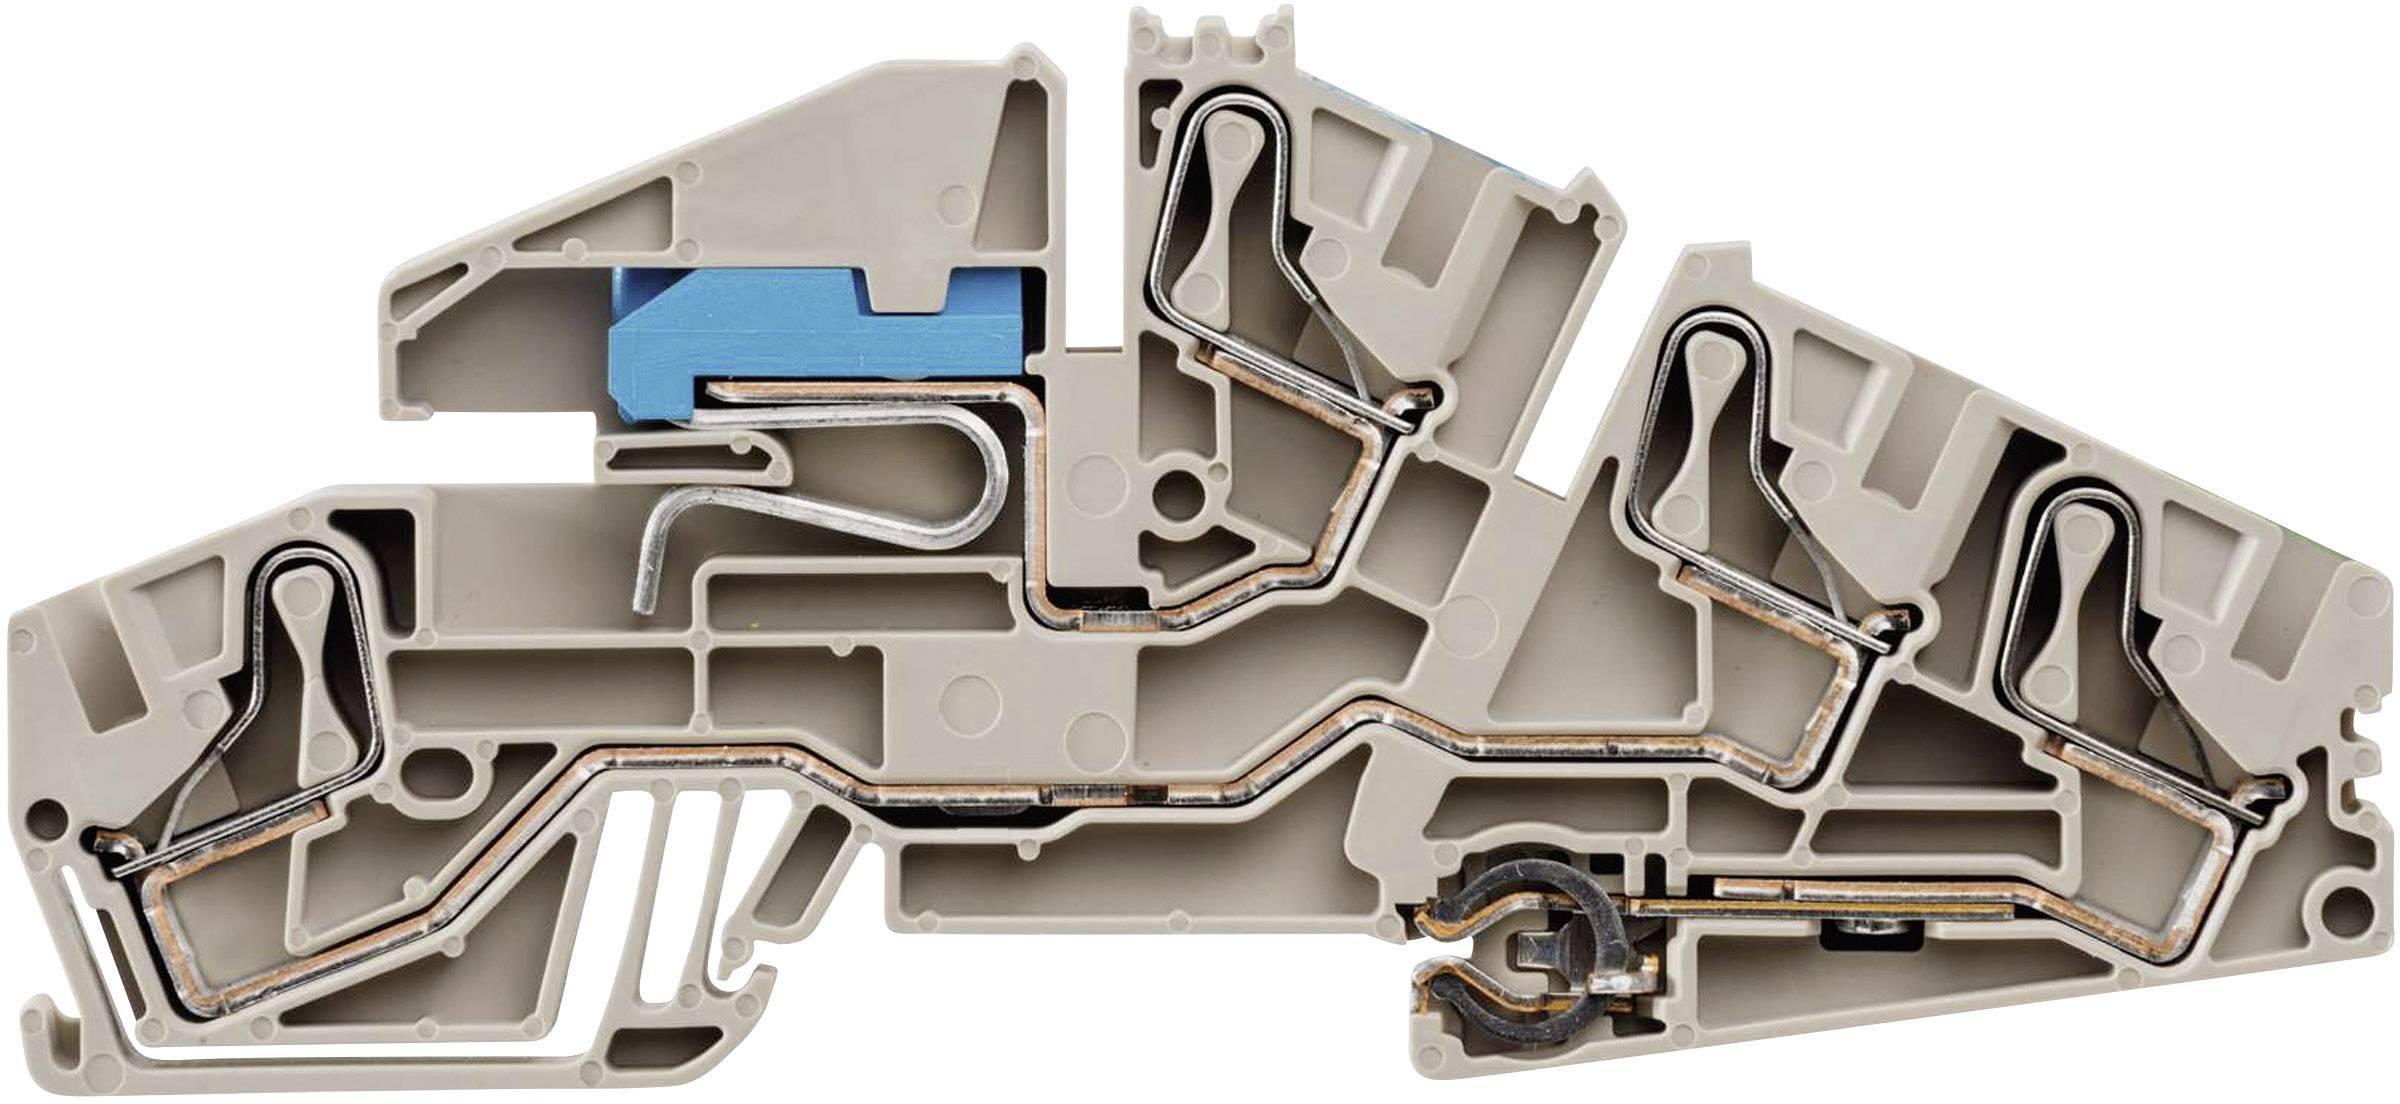 Řadová instal. svorka Weidmüller PDL 6S NT/L/PE (1411320000), rychlé připojení, béžová